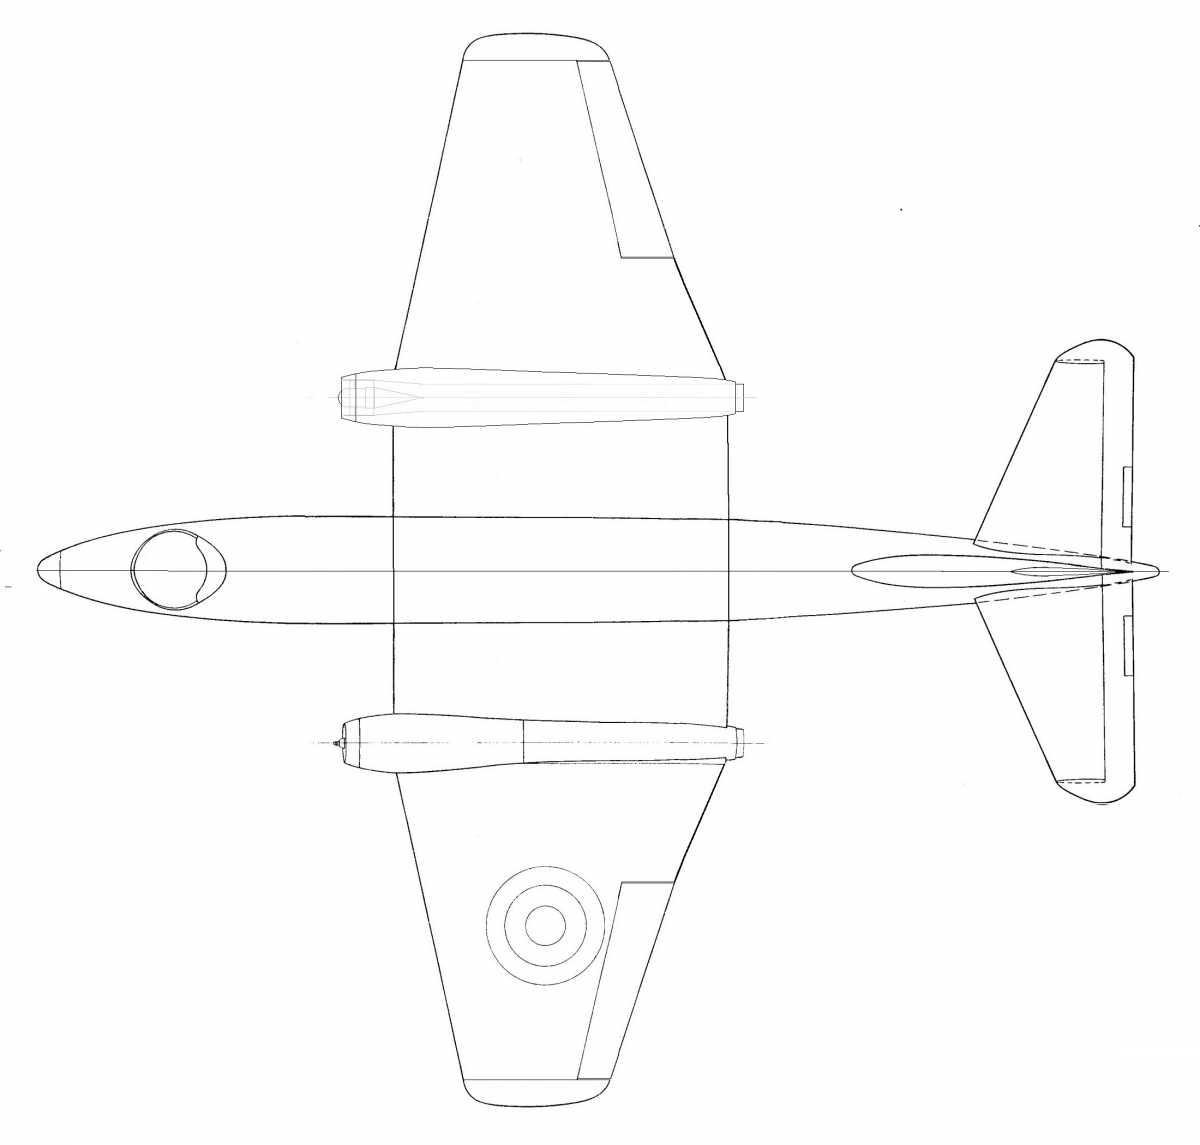 The Blueprints Com U003e Modern Airplanes